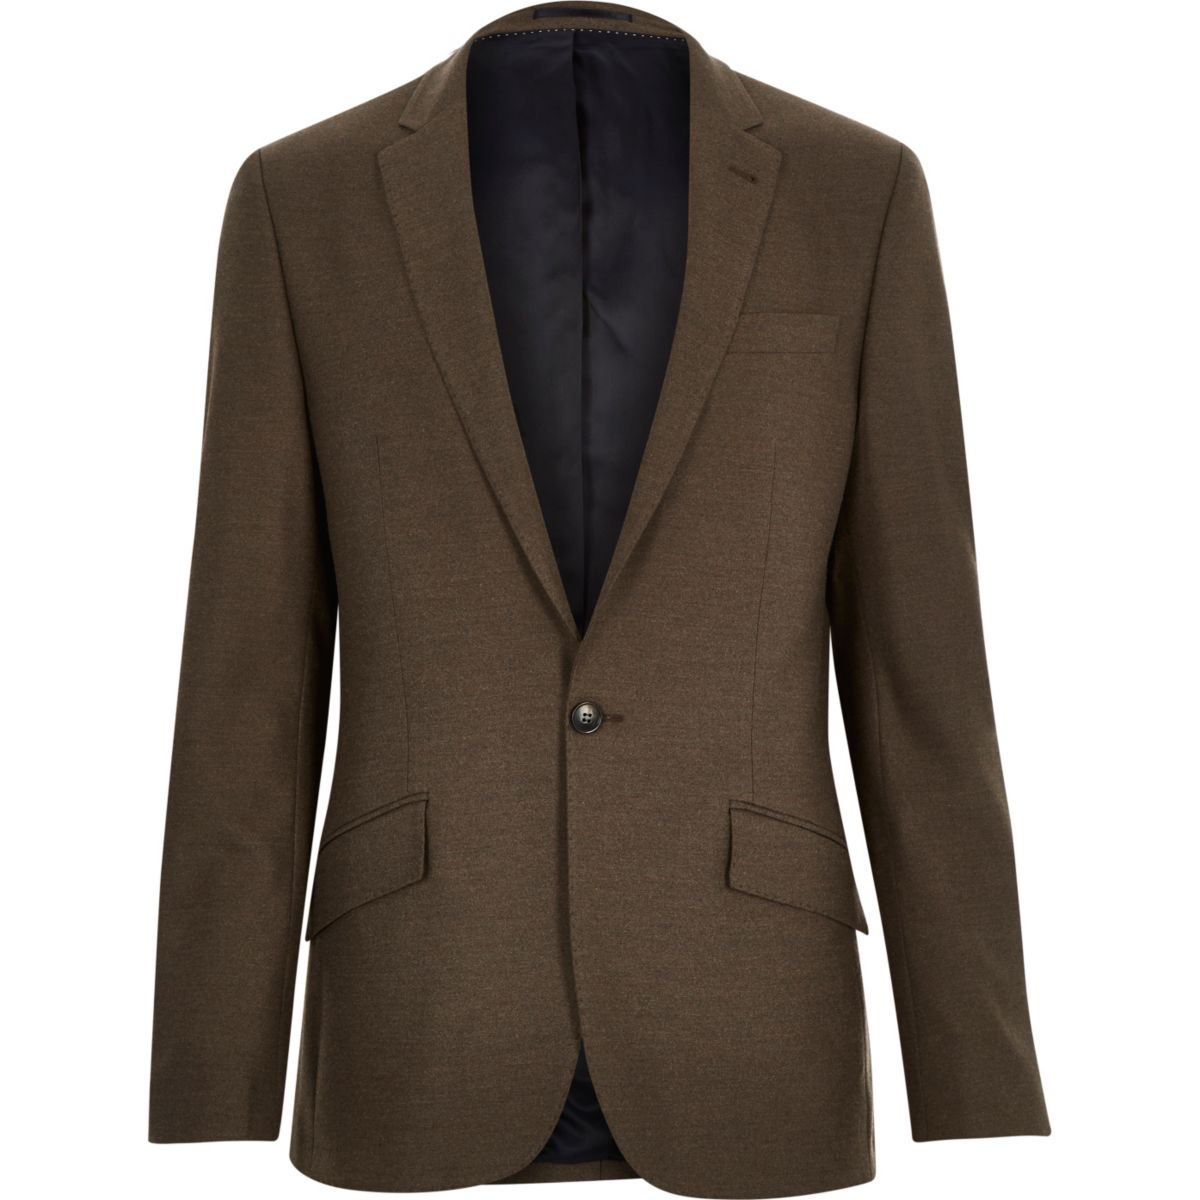 Brown tailored slim suit jacket